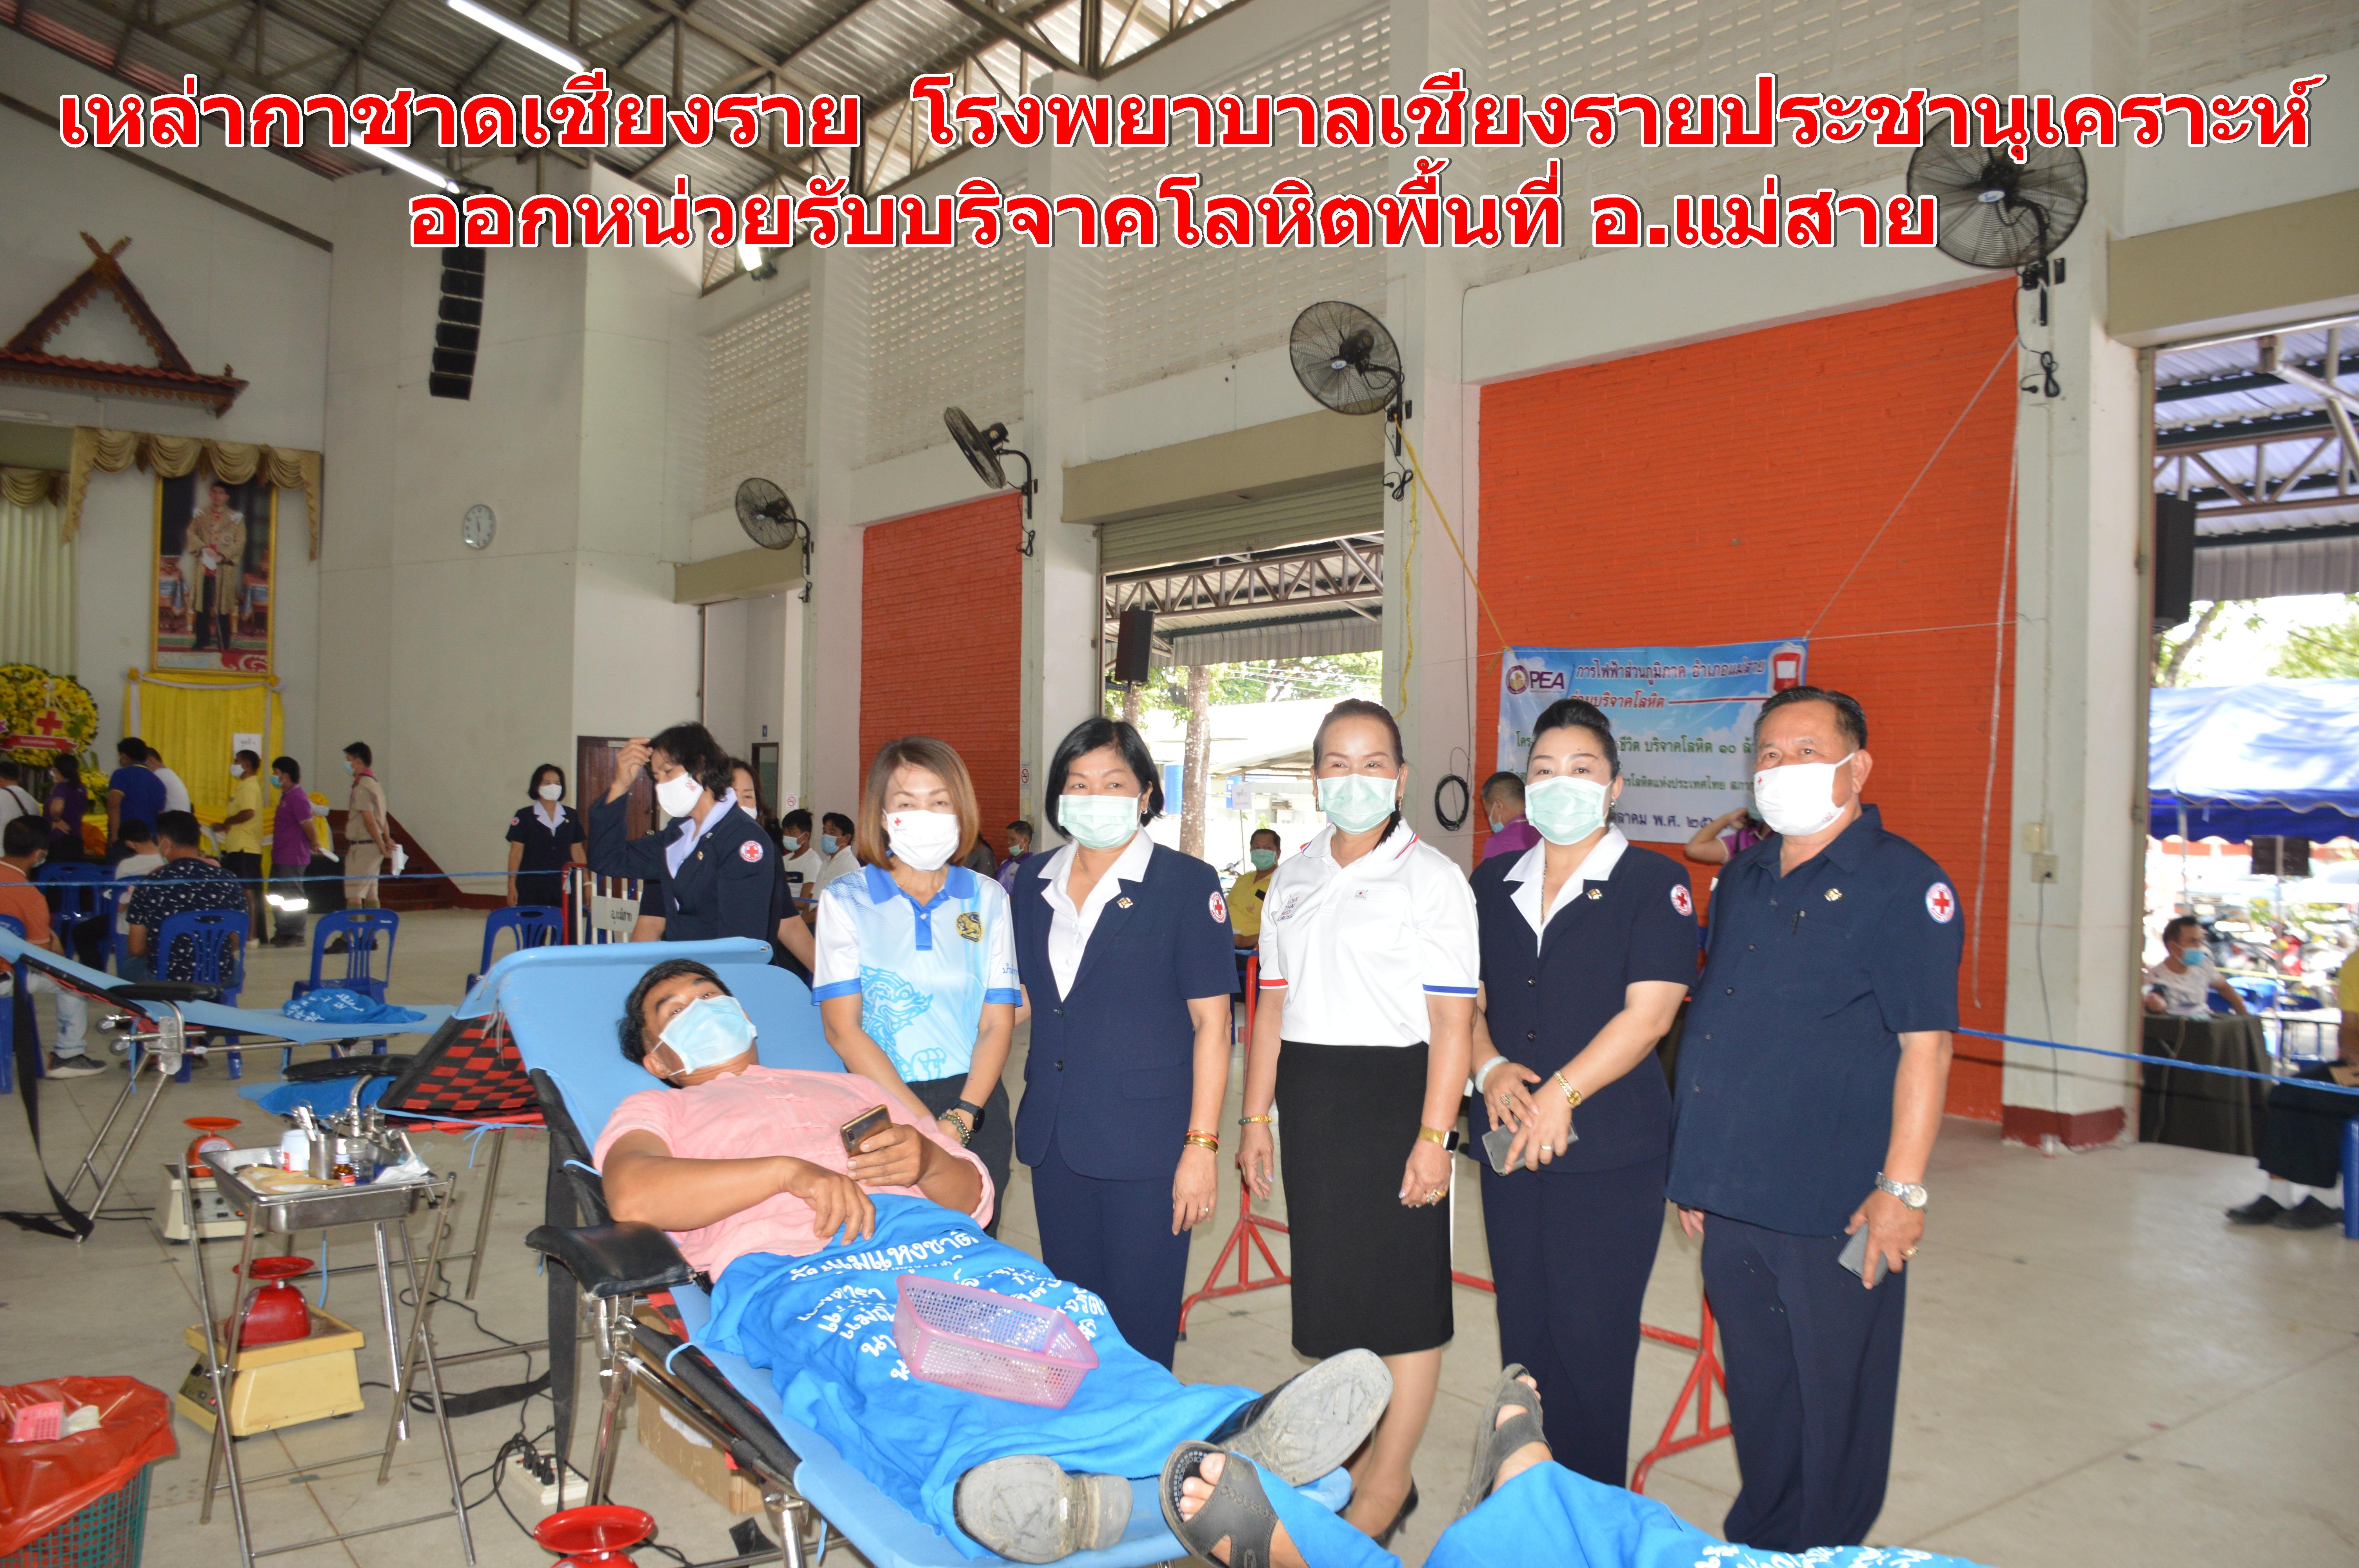 (คลิป) เหล่ากาชาดเชียงราย โรงพยาบาลเชียงรายประชานุเคราะห์ ออกหน่วยรับบริจาคโลหิตพื้นที่ อ.แม่สาย